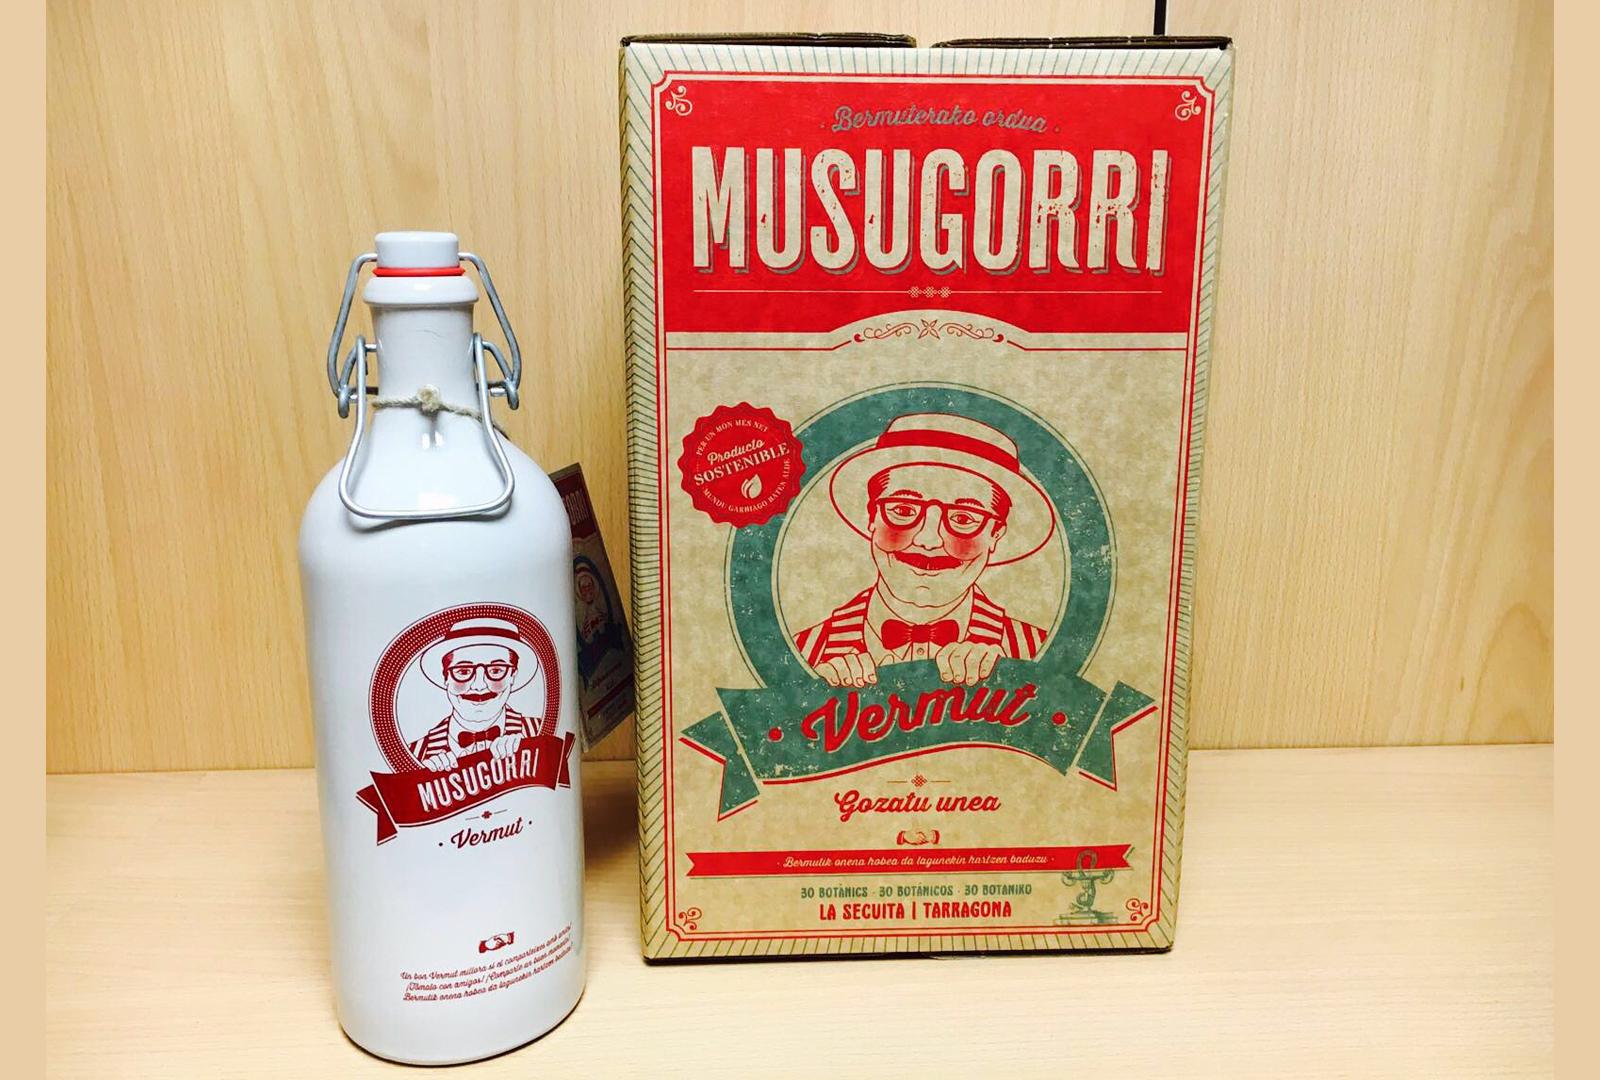 Musugorri el nuevo vermut solidario de Aribau